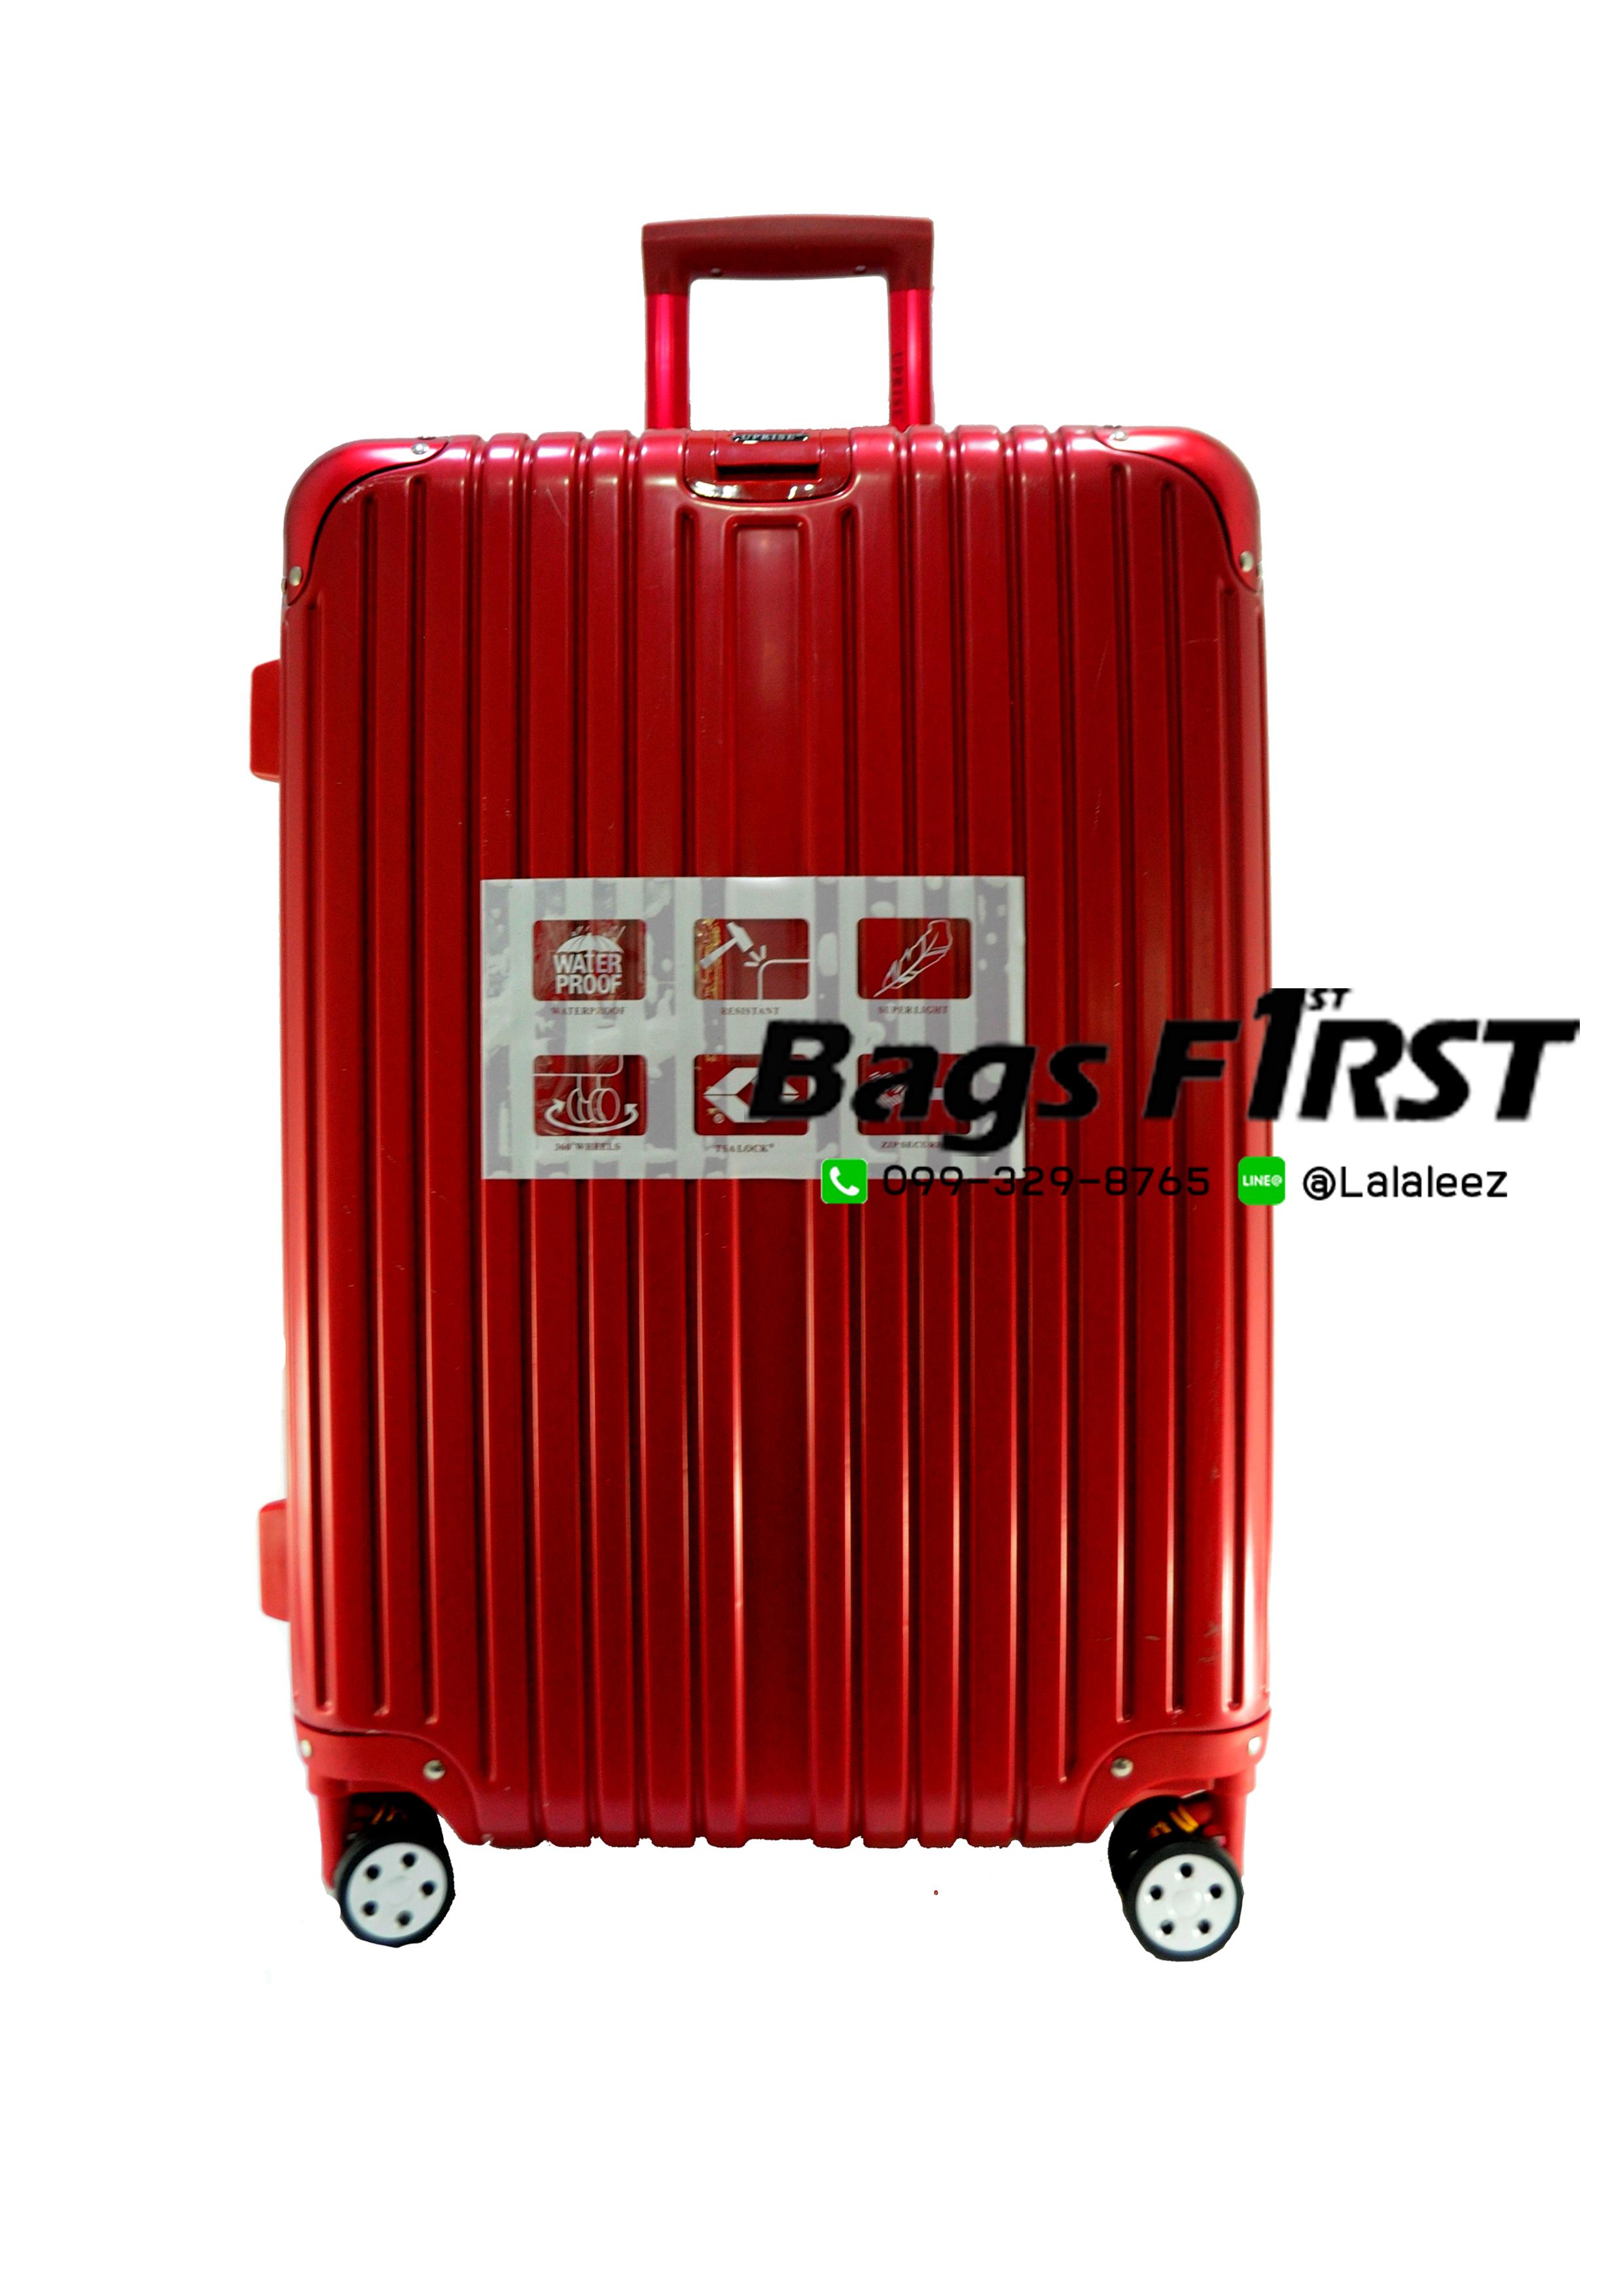 กระเป๋าเดินทาง รหัส 5507 สีแดง ขนาด 20 นิ้ว